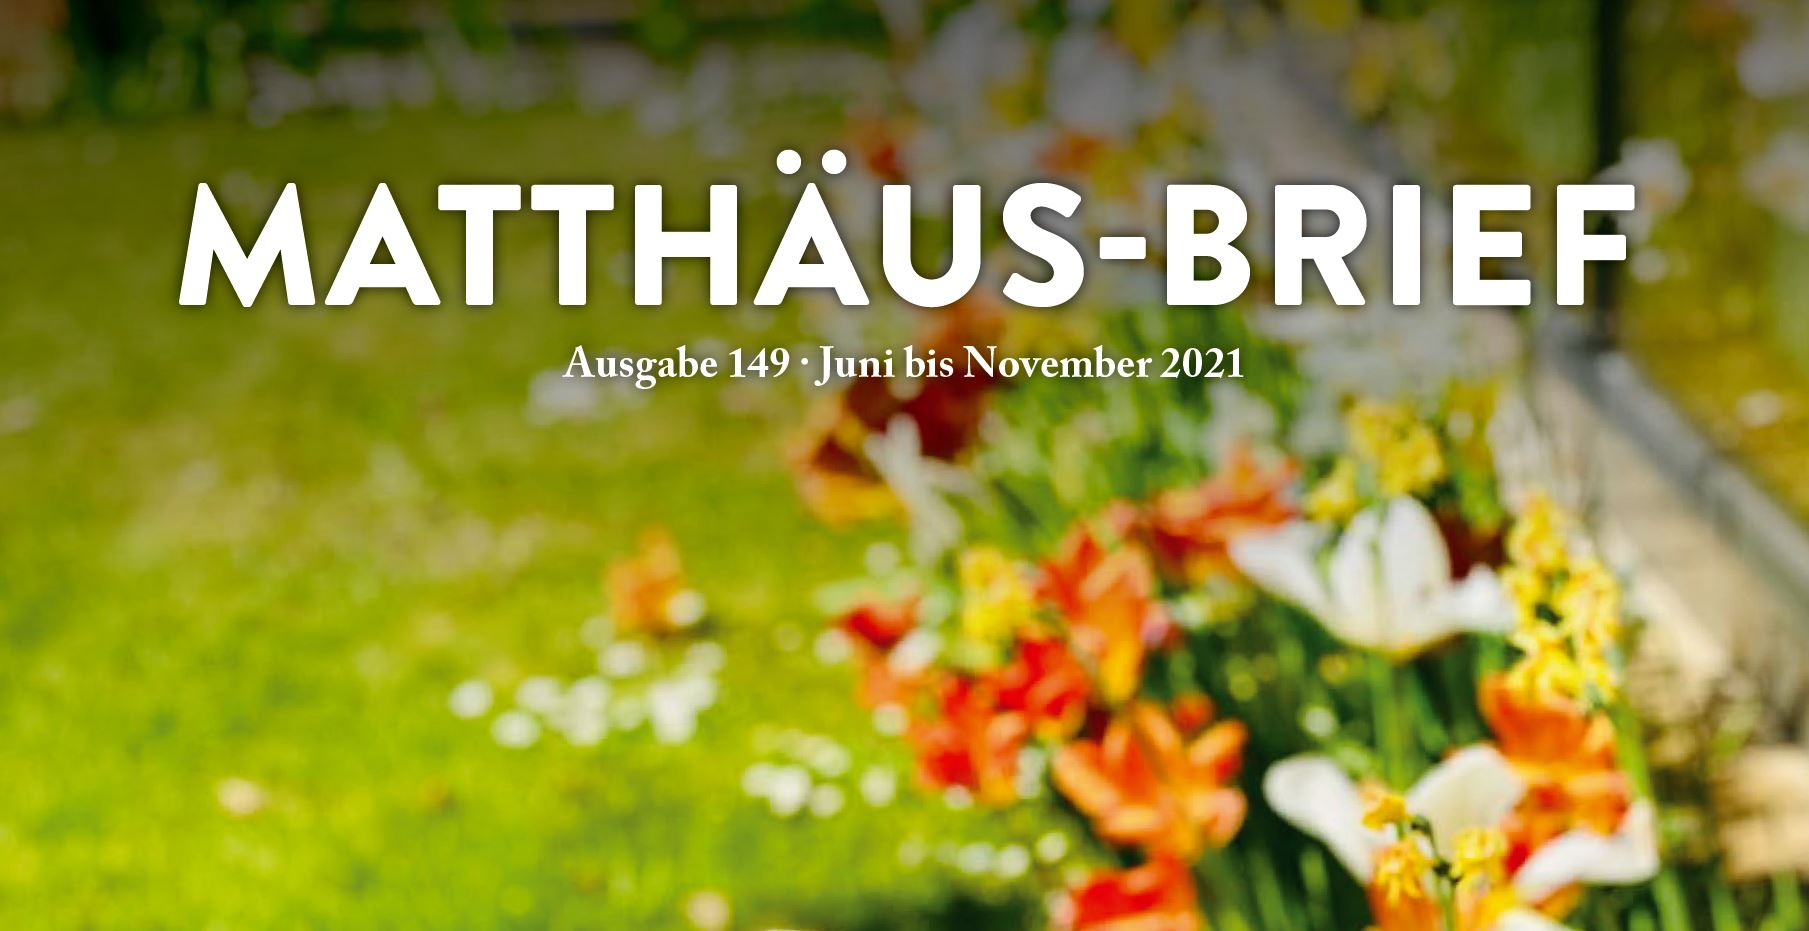 Neuer Matthäus-Brief zu Pfingsten